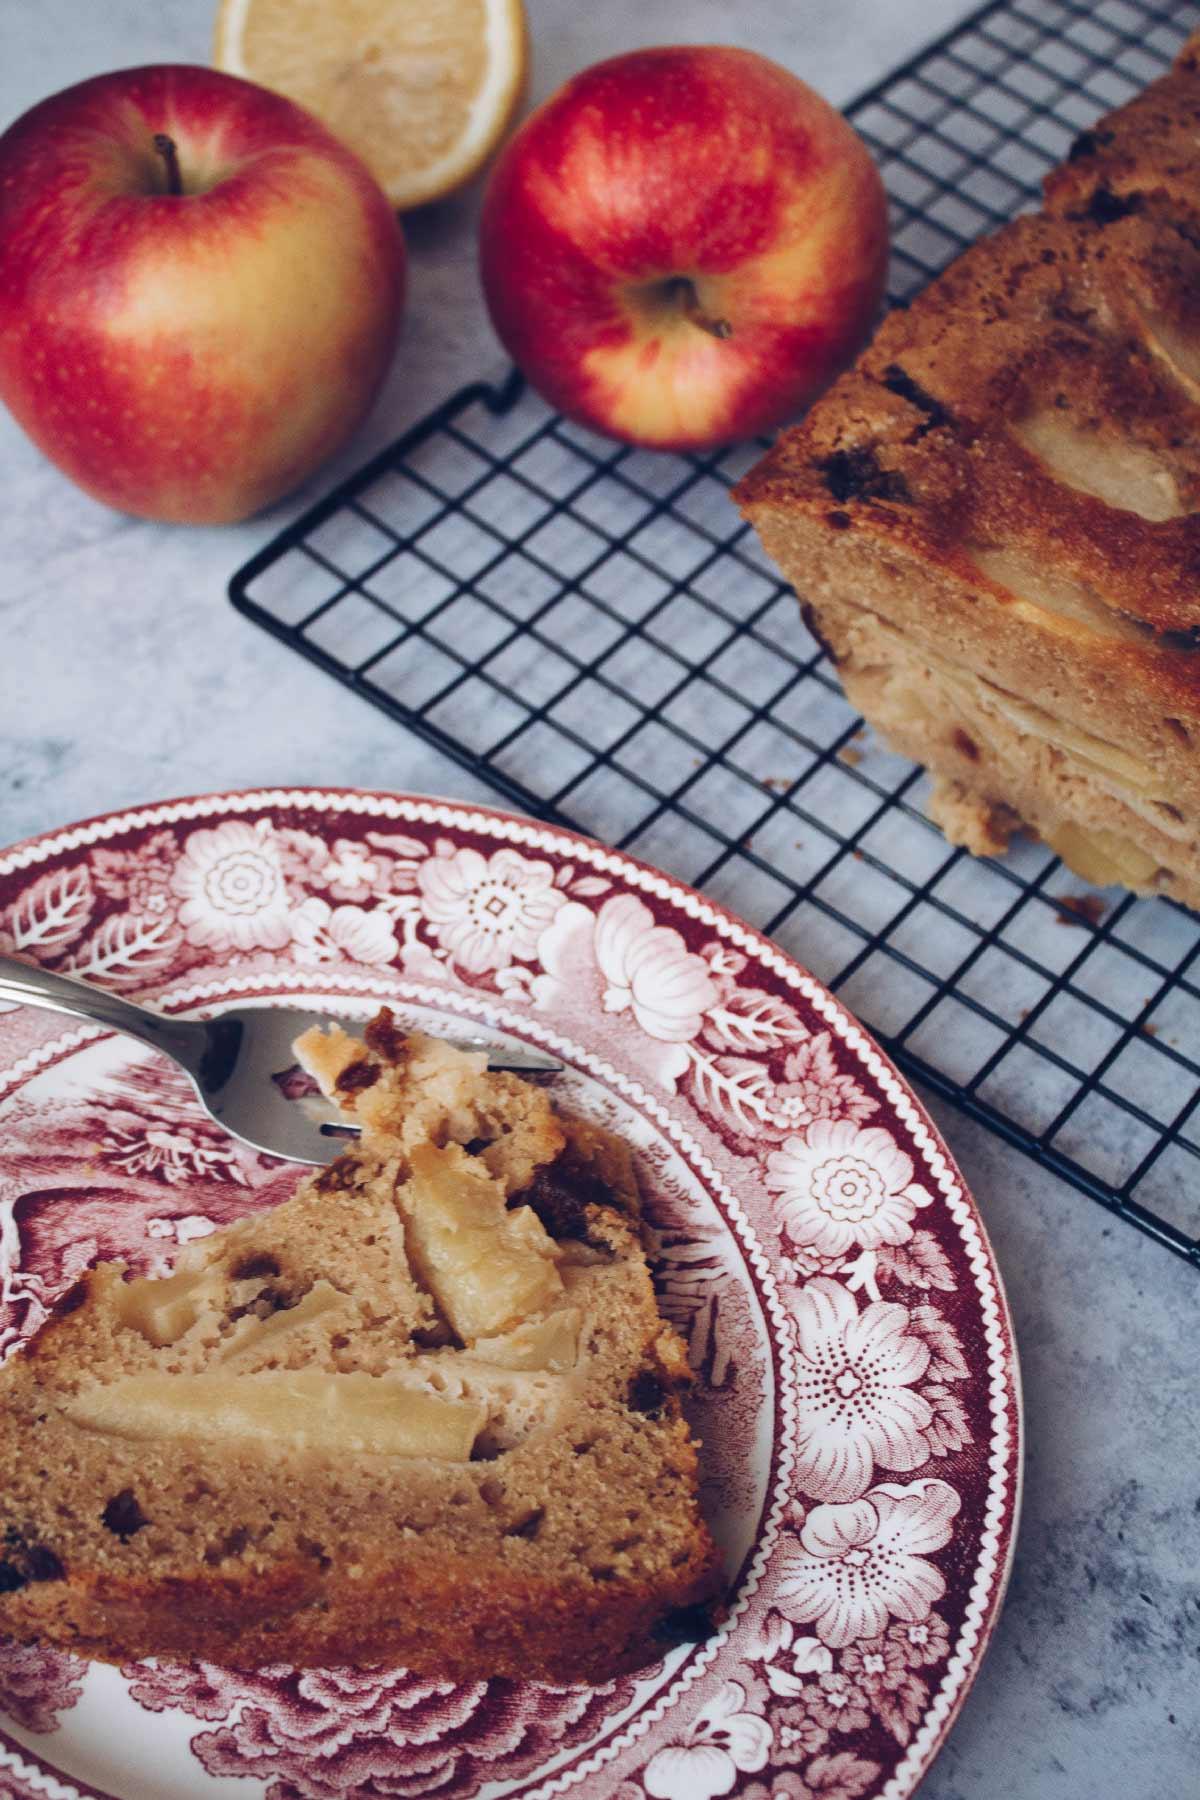 Se questo è un uovo - Plumcake alle mele pronto per essere assaggiato